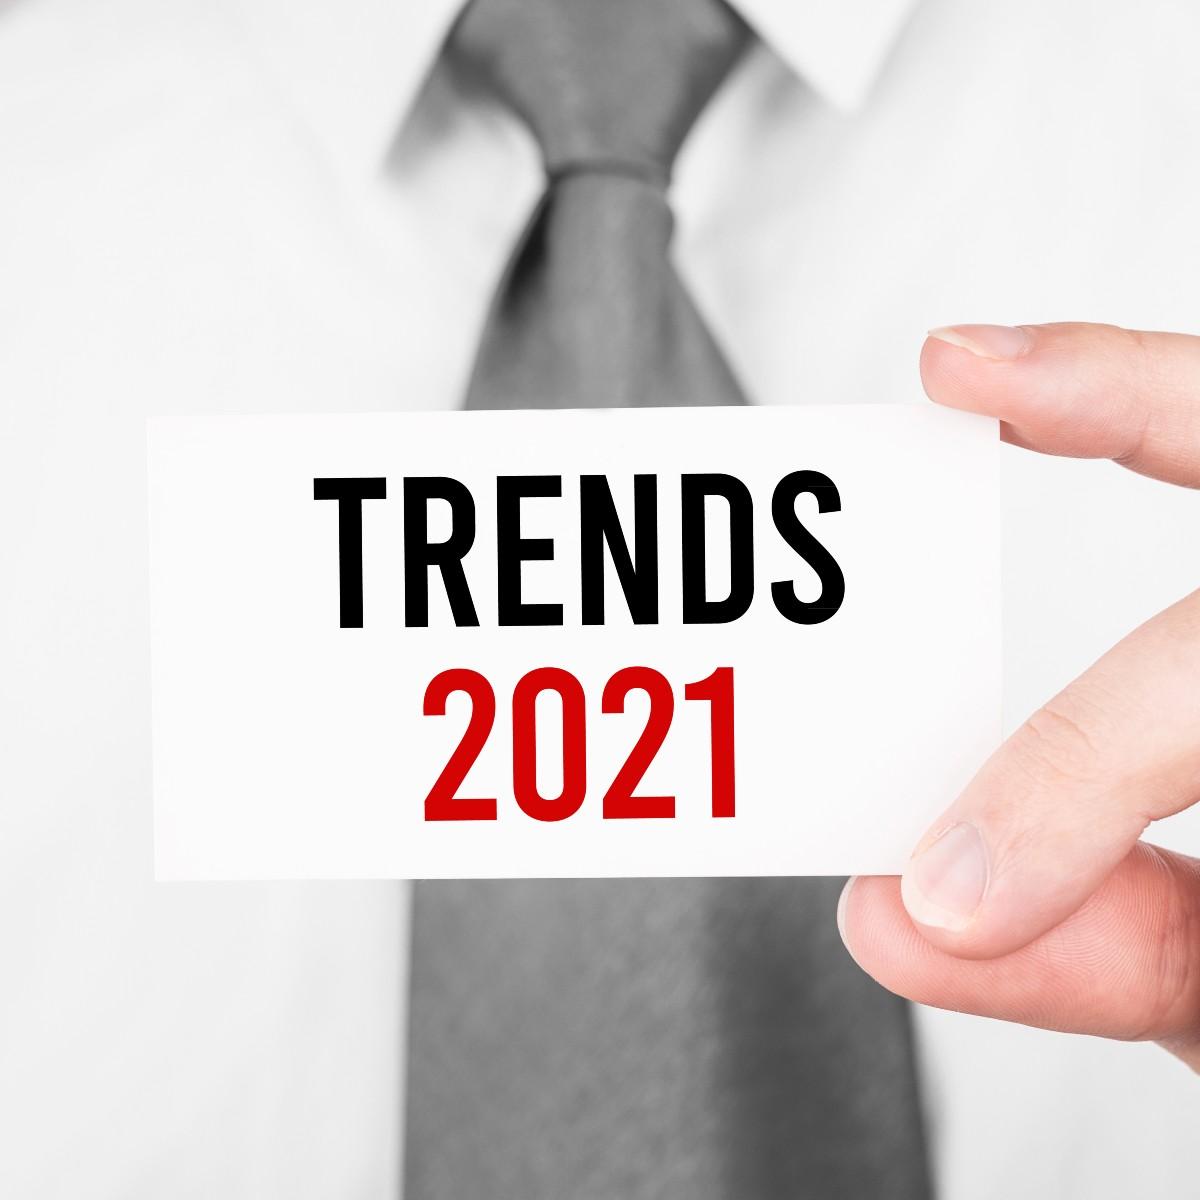 Esteja Atento em 2021: 7 Tendências de Marketing Digital a Não Ignorar